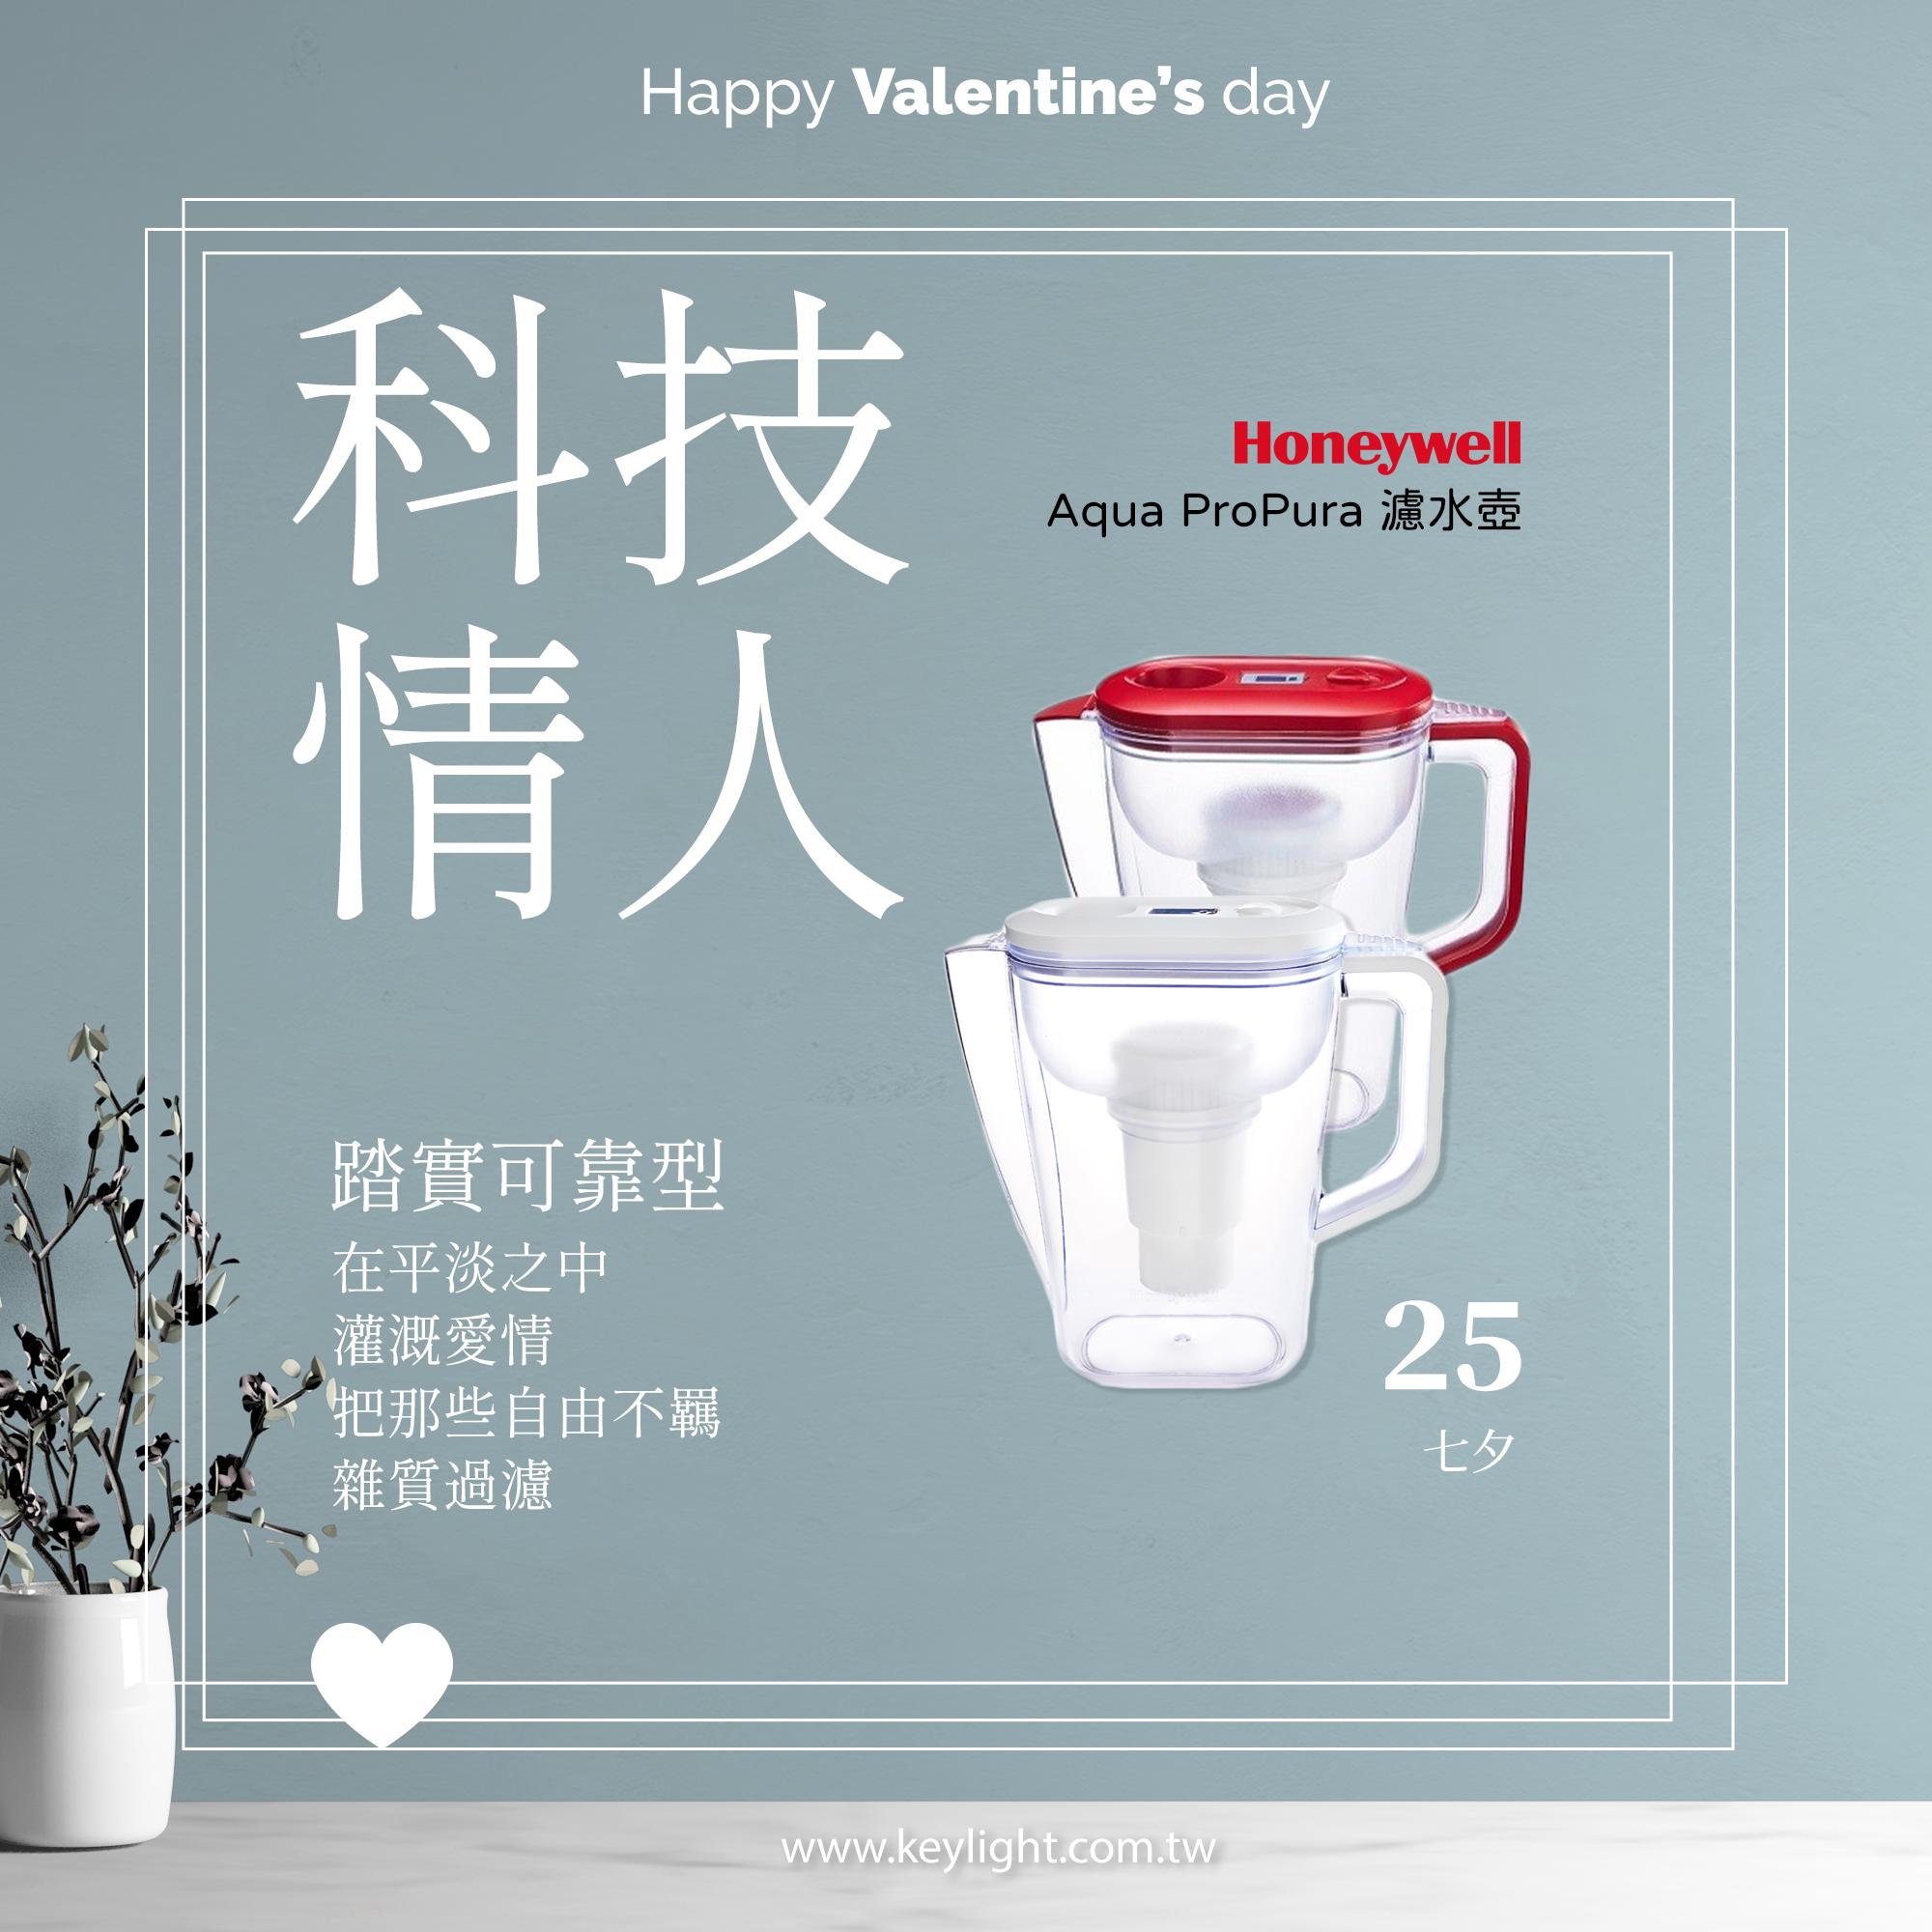 奇萊科技情人節-Honeywell濾水壺.jpg